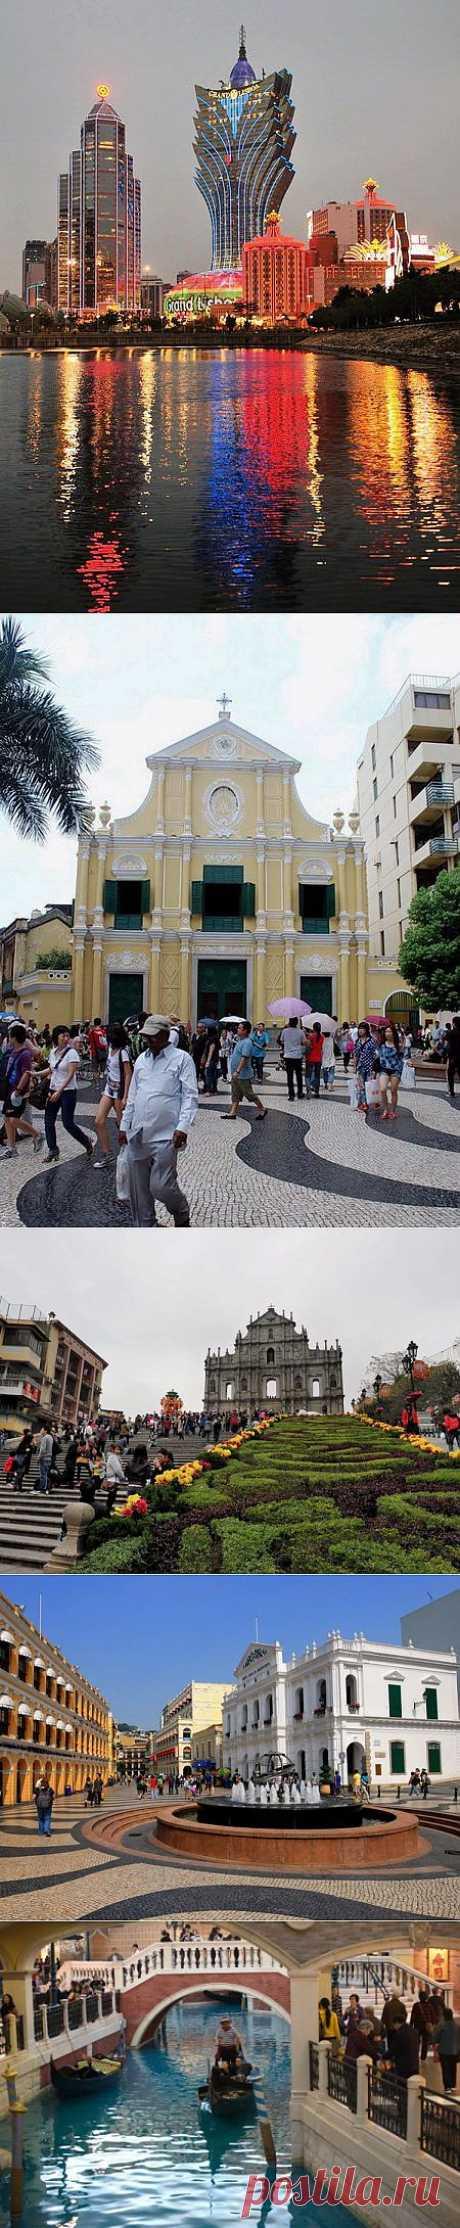 (+1) тема - Макао азиатский город с европейским колоритом | Непутевые заметки